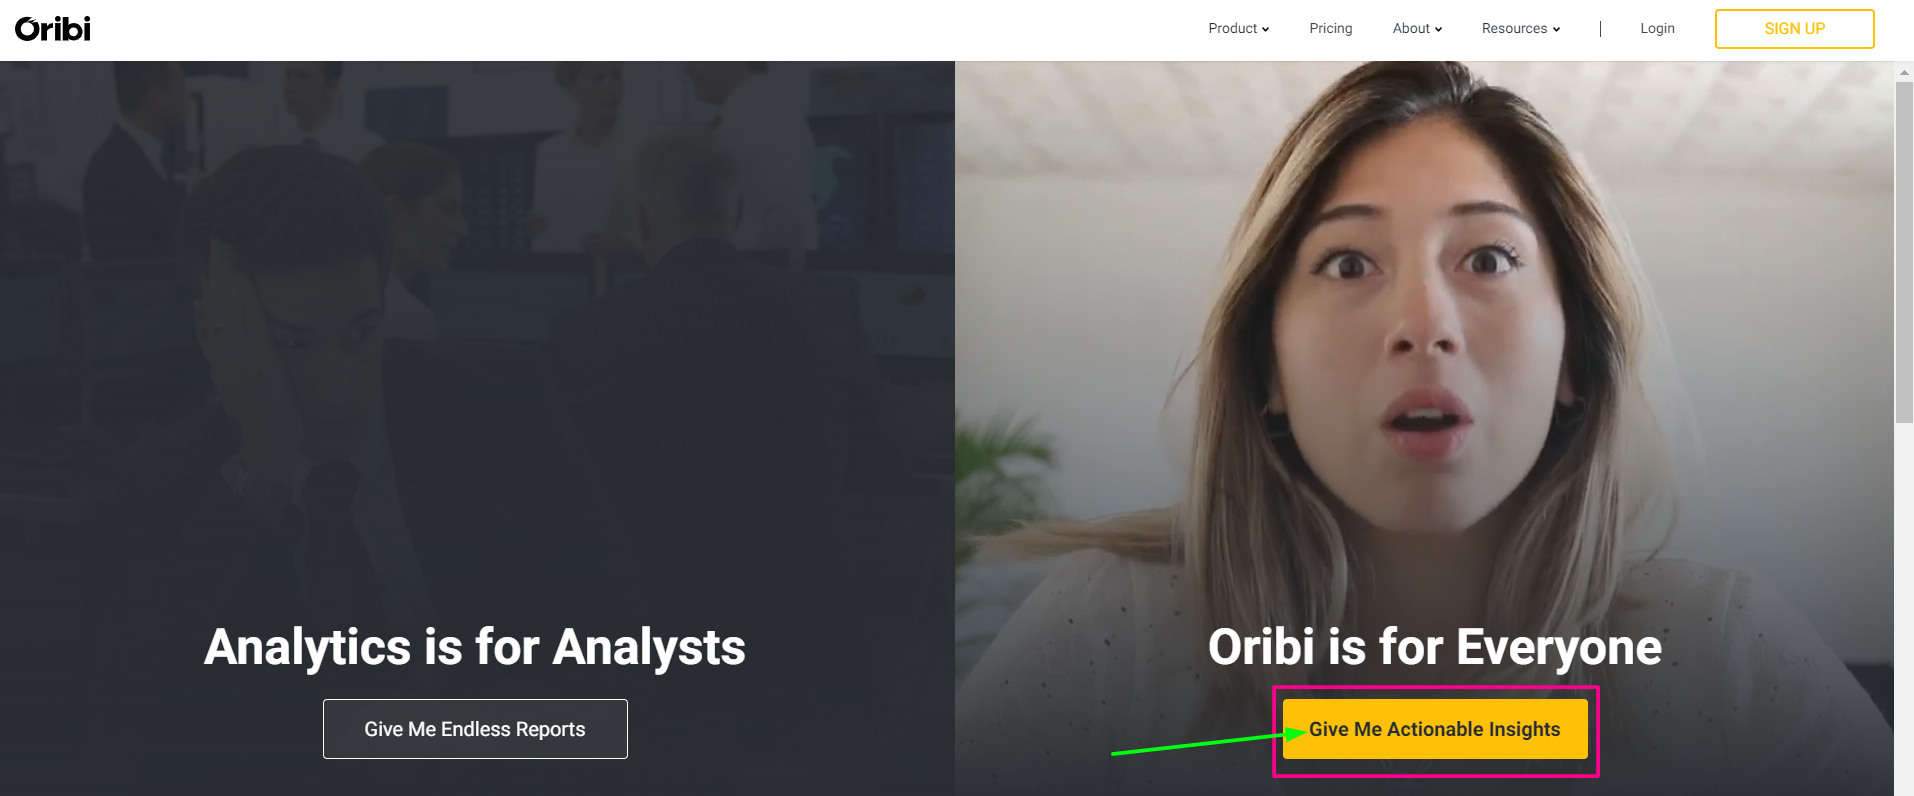 Oribi - Overview